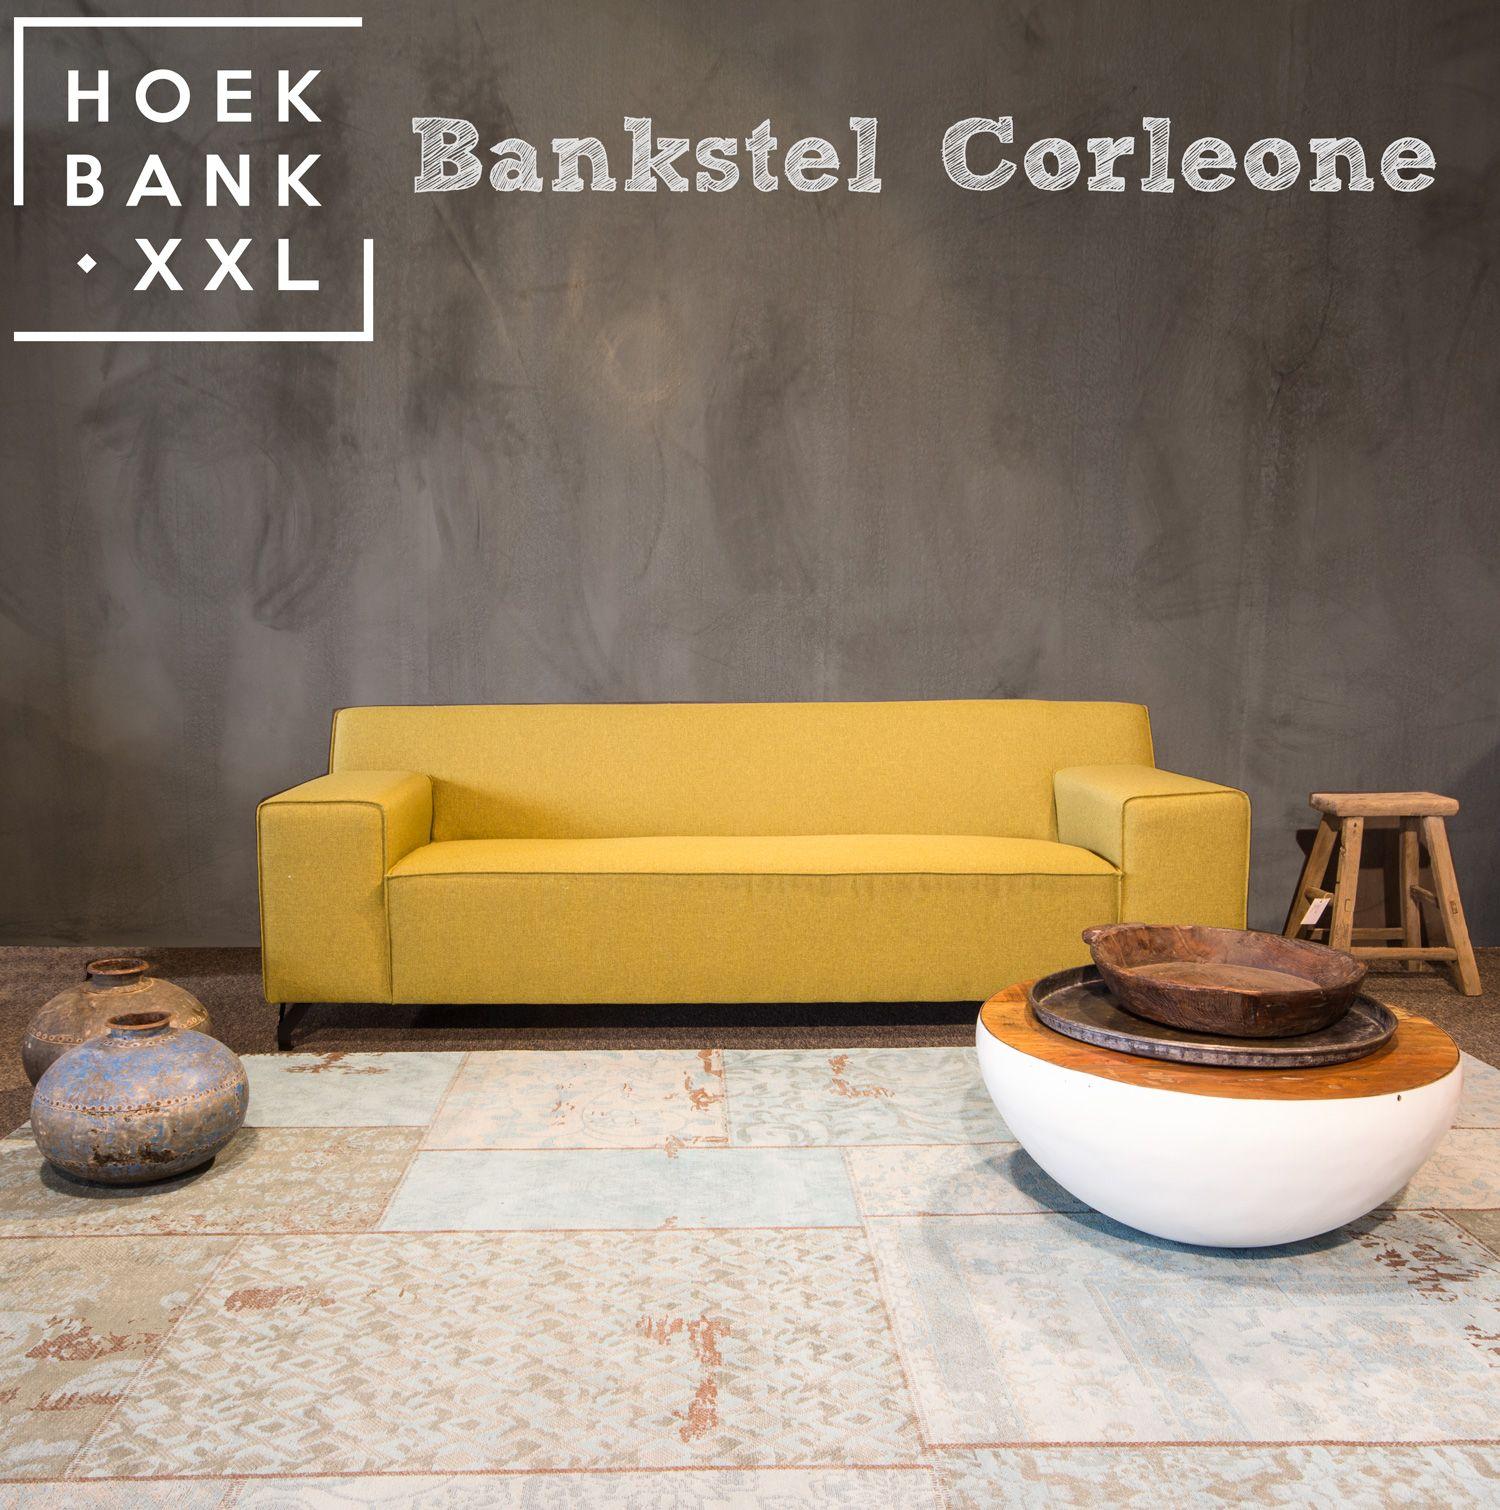 Mooie Design Bankstellen.Bankstel Corleone Is Een Mooie Bank Met Een Strak Design Dit